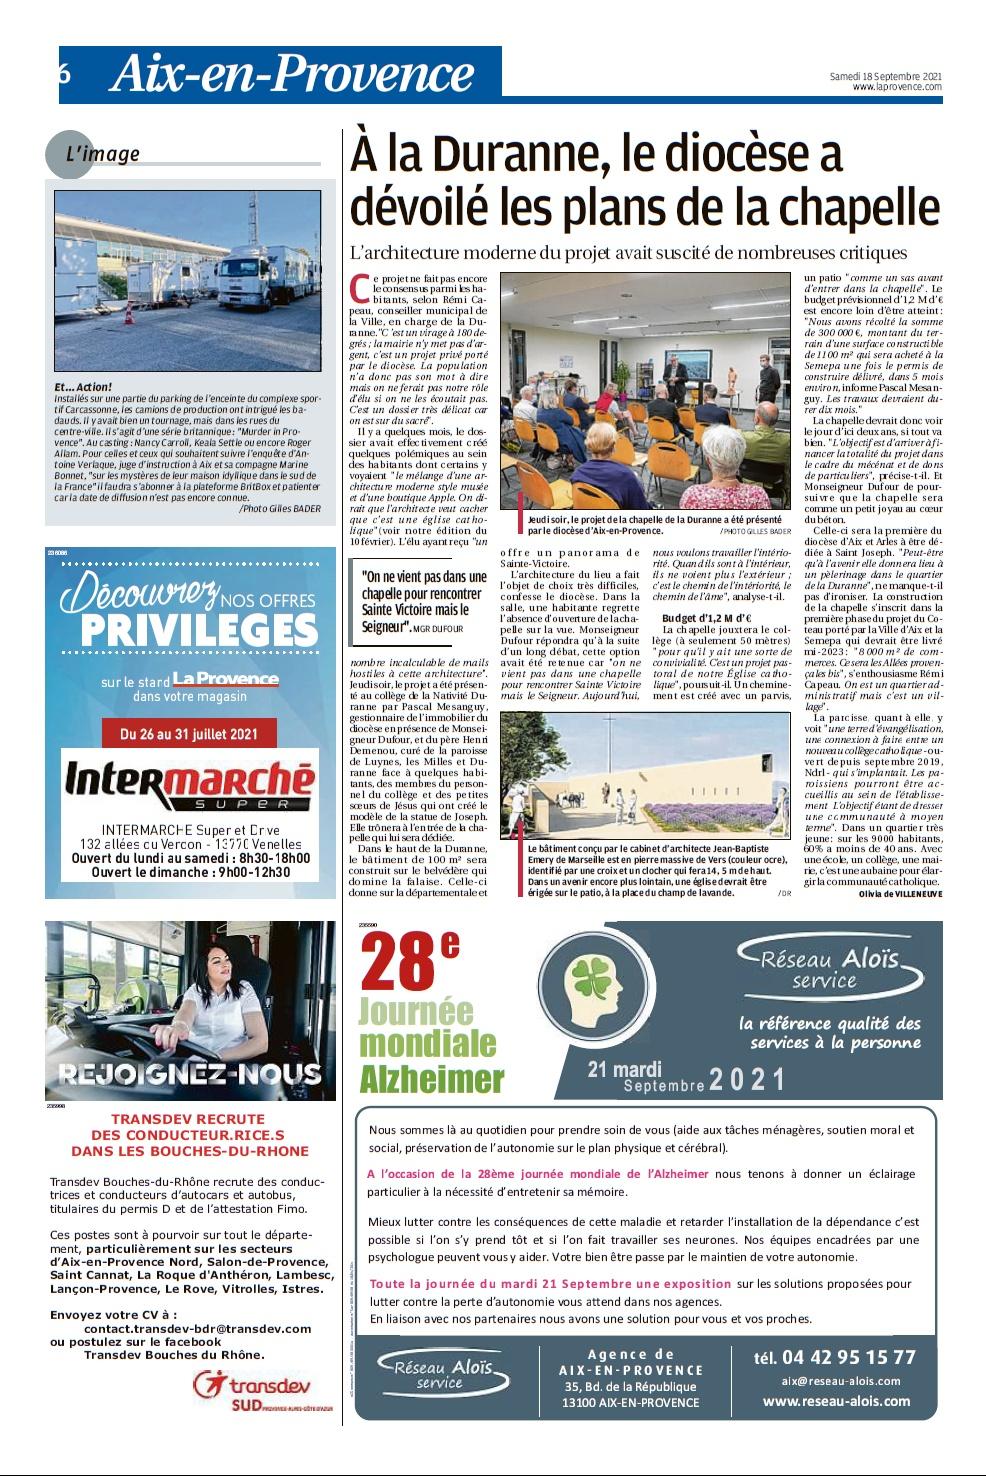 La Provence (Aix- Pays d'Aix) 18 septembre 2021